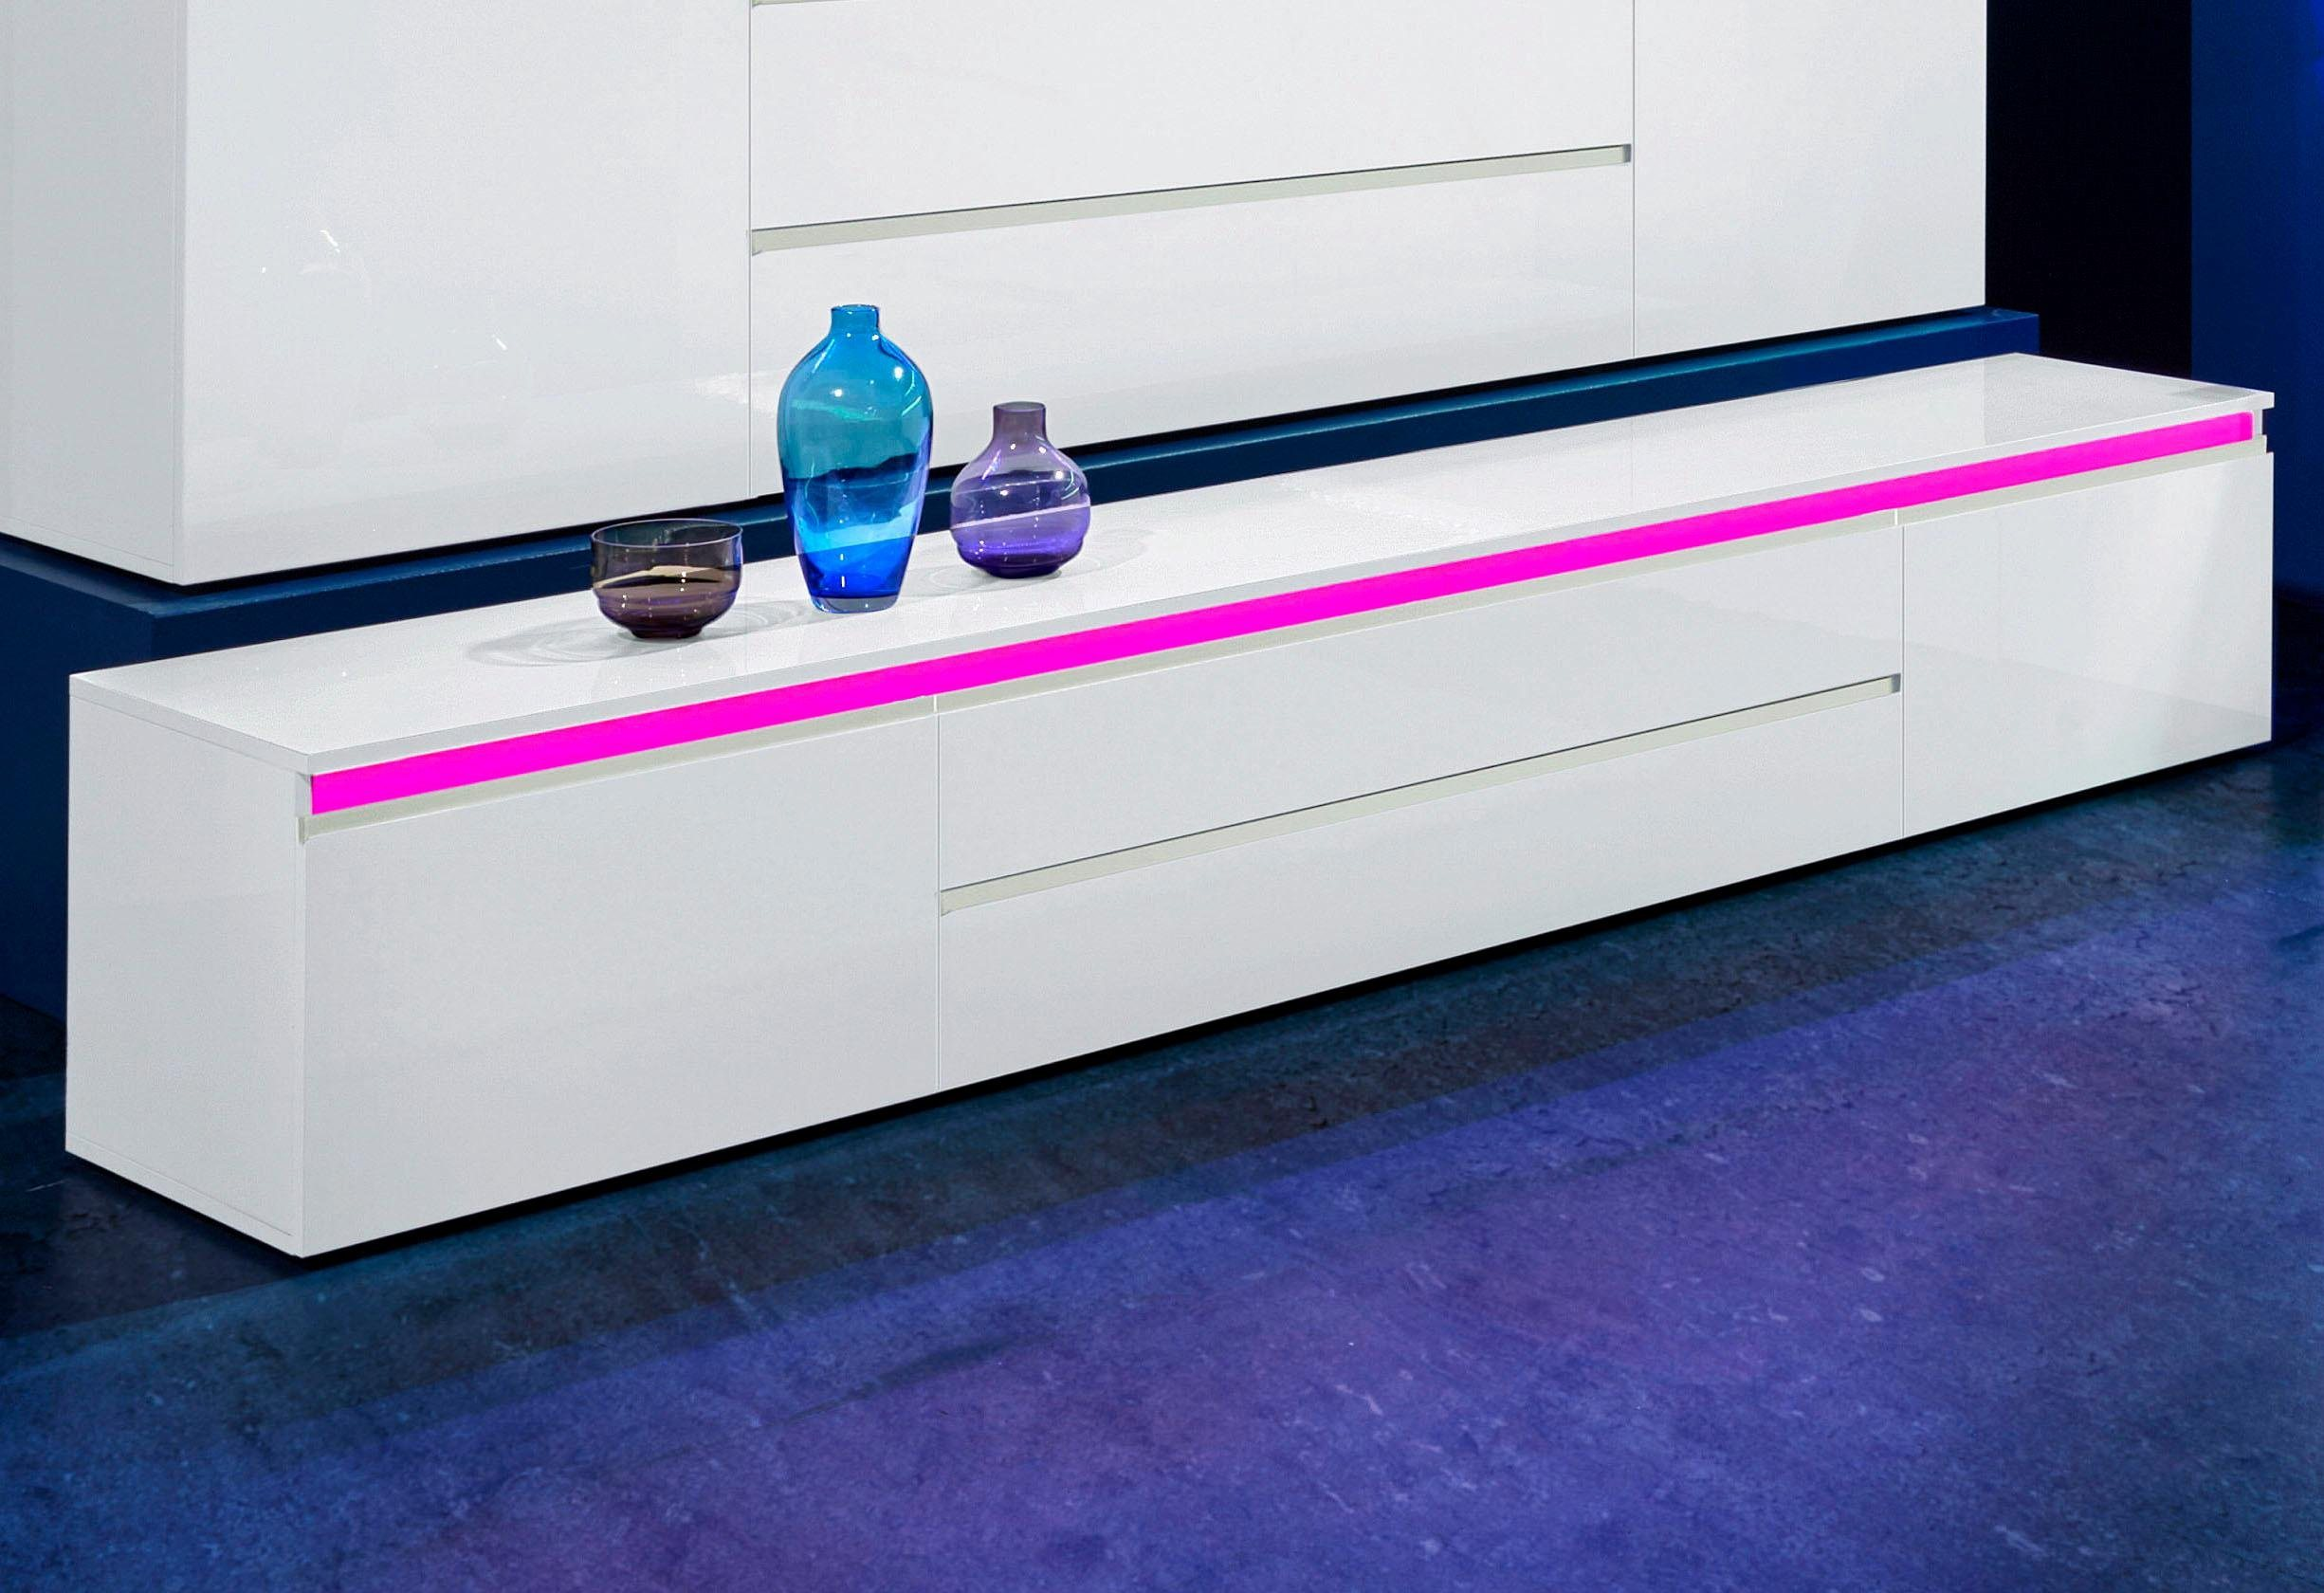 Hochglanz Lowboards online kaufen | Möbel-Suchmaschine | ladendirekt.de